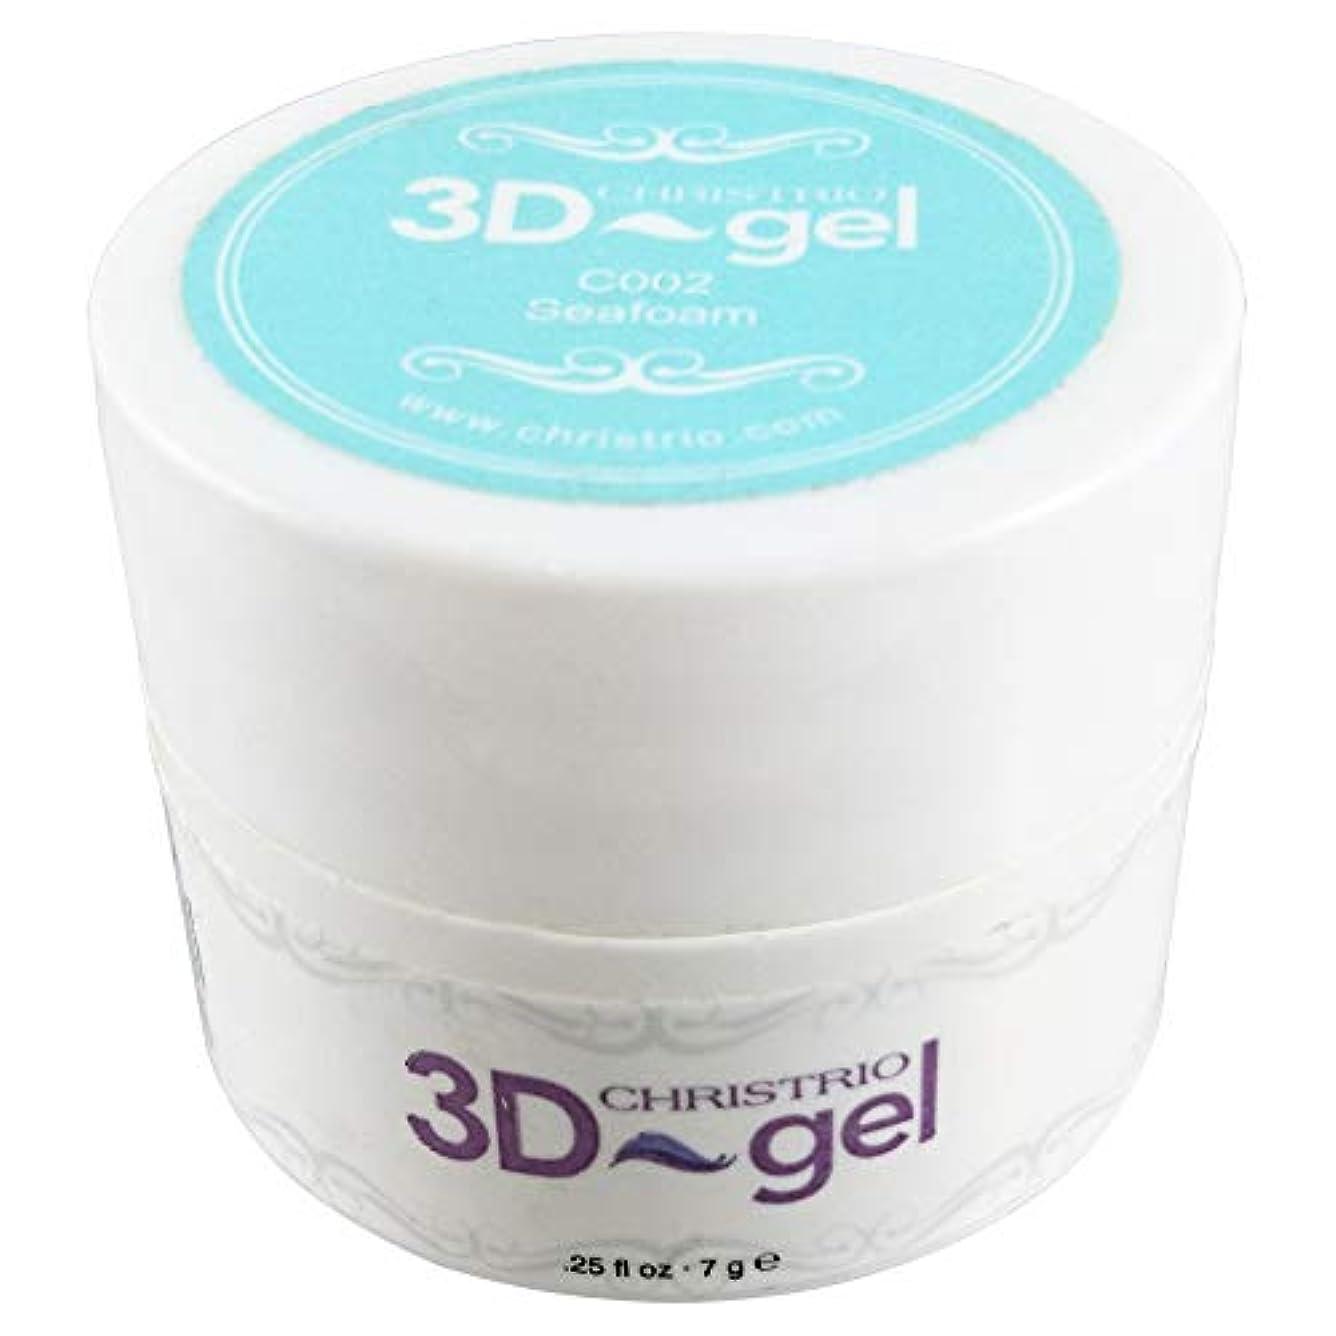 サージ尽きる横向きCHRISTRIO 3Dジェル 7g C002 シーフォーム